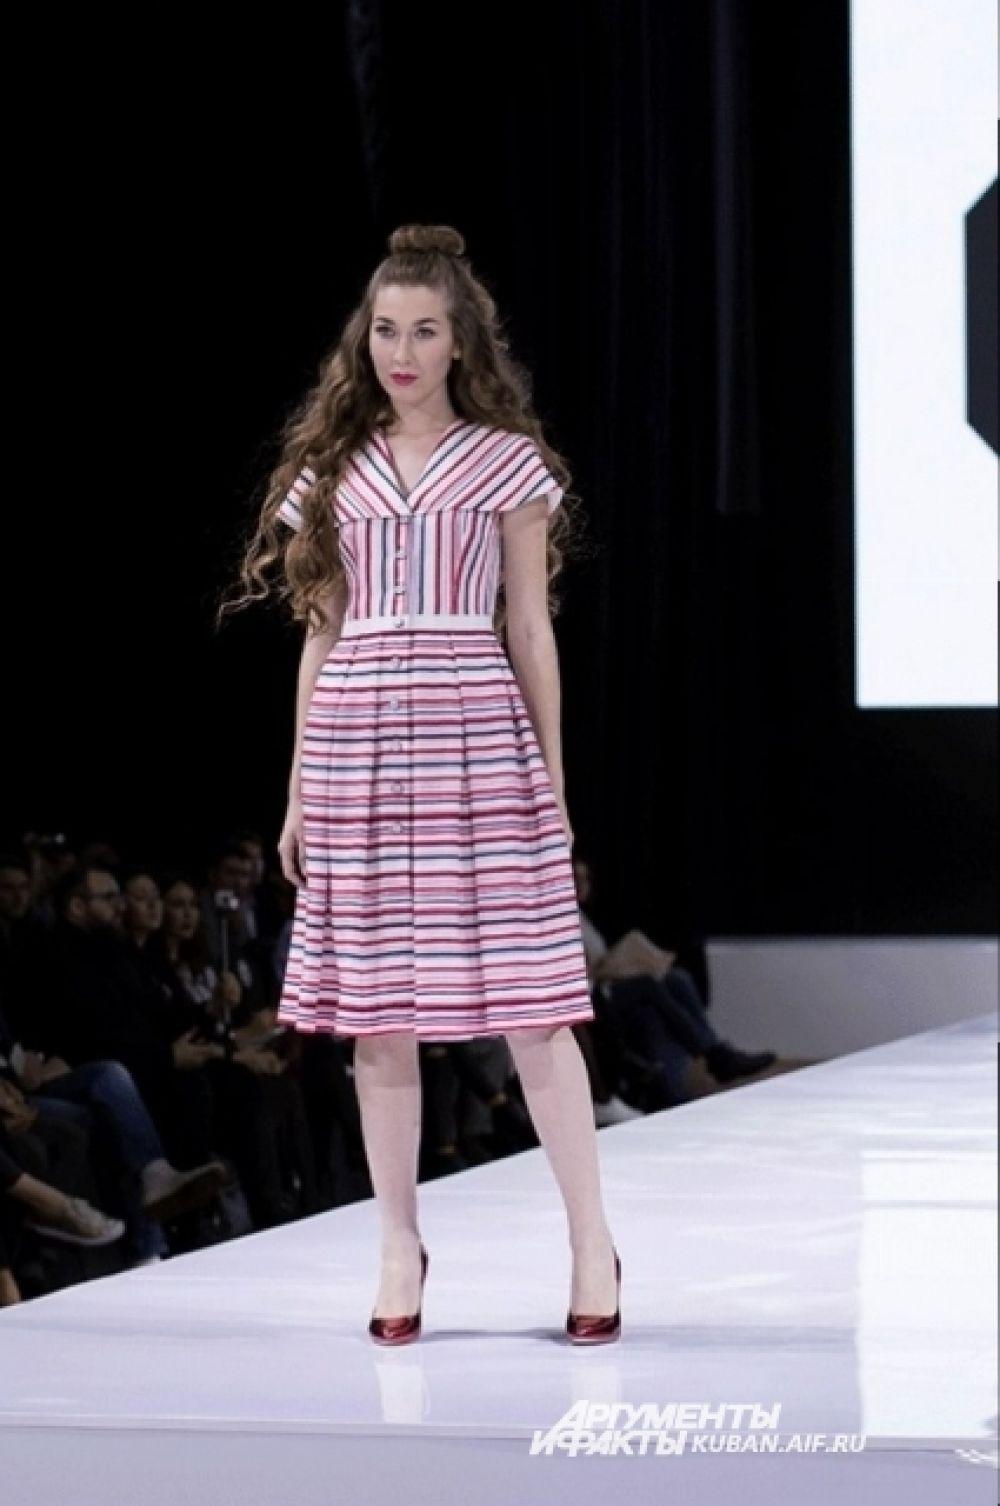 Платье-сарафан на каждый день от Ольги Куницыной.